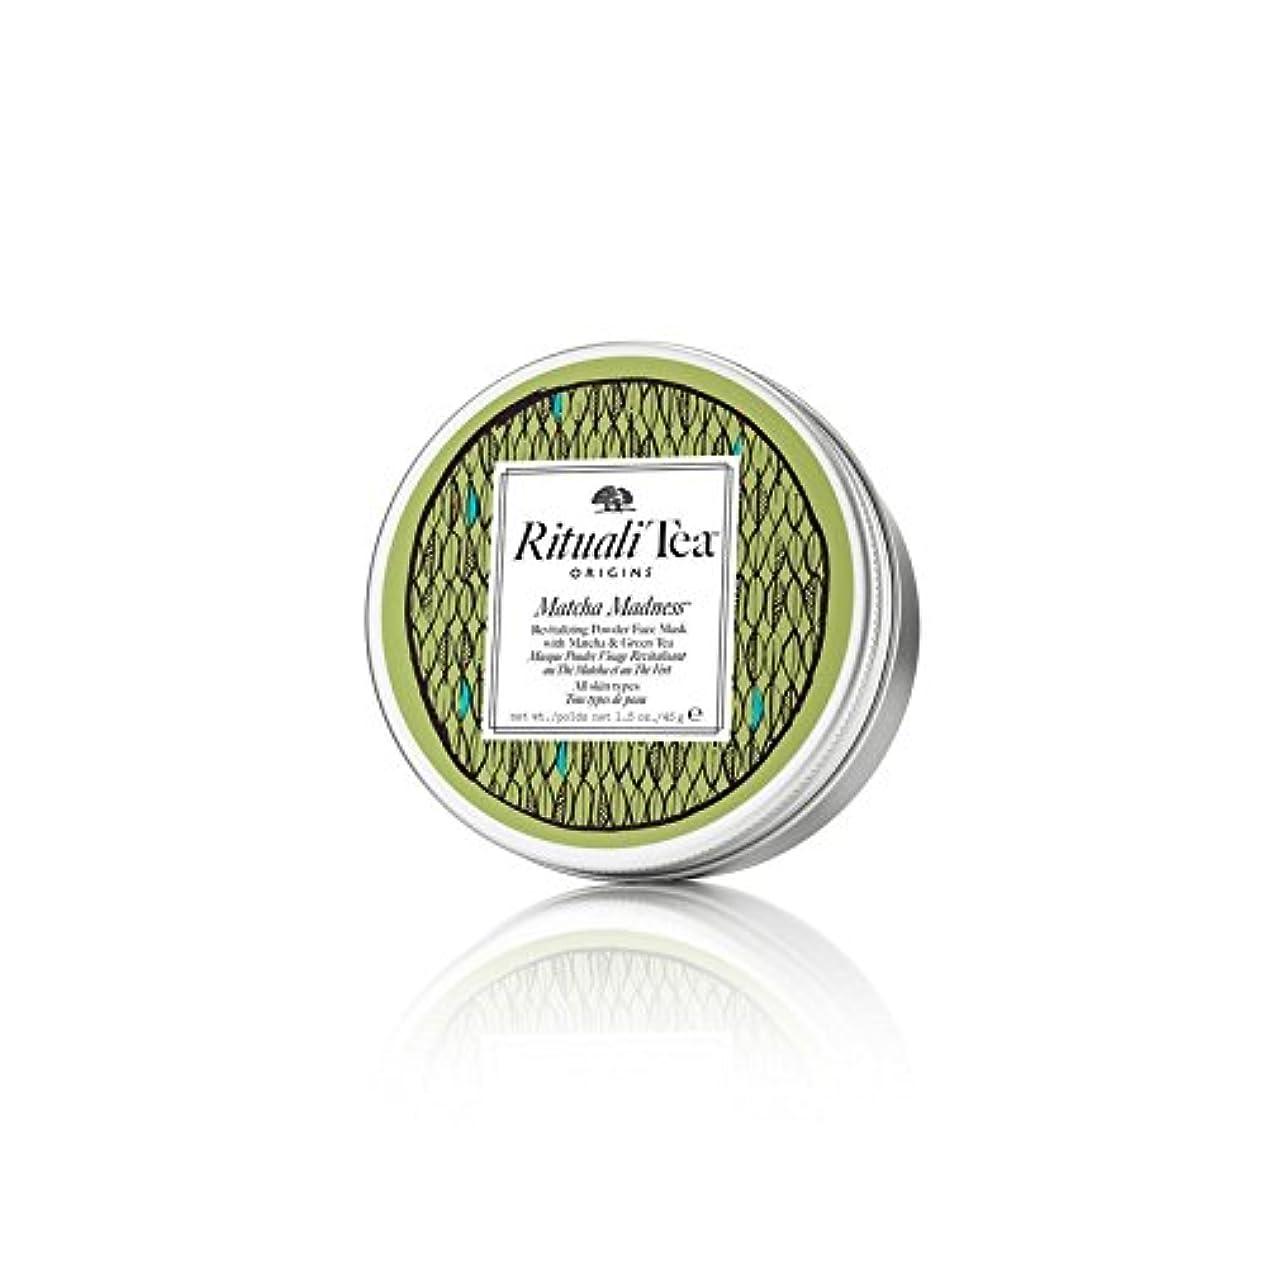 火山送るカロリーOrigins Powdered Tea Face Mask Matcha Madness 45g (Pack of 6) - 起源抹茶フェイスマスク抹茶狂気の45グラム x6 [並行輸入品]